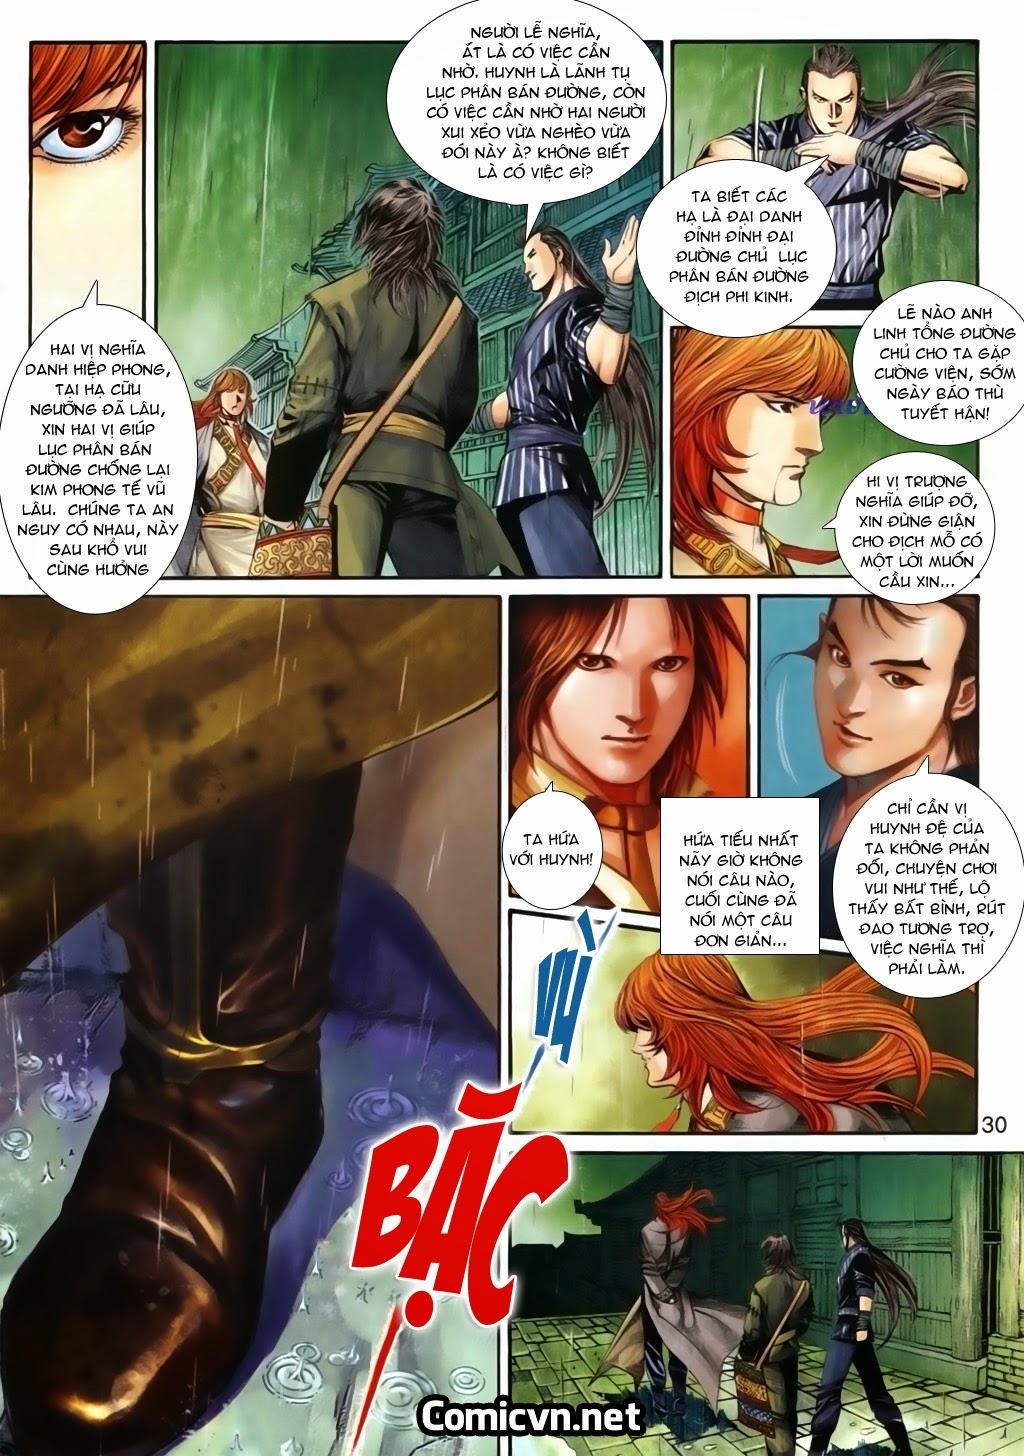 Thuyết Anh Hùng Thùy Thị Anh Hùng chap 16 Trang 31 - Mangak.info